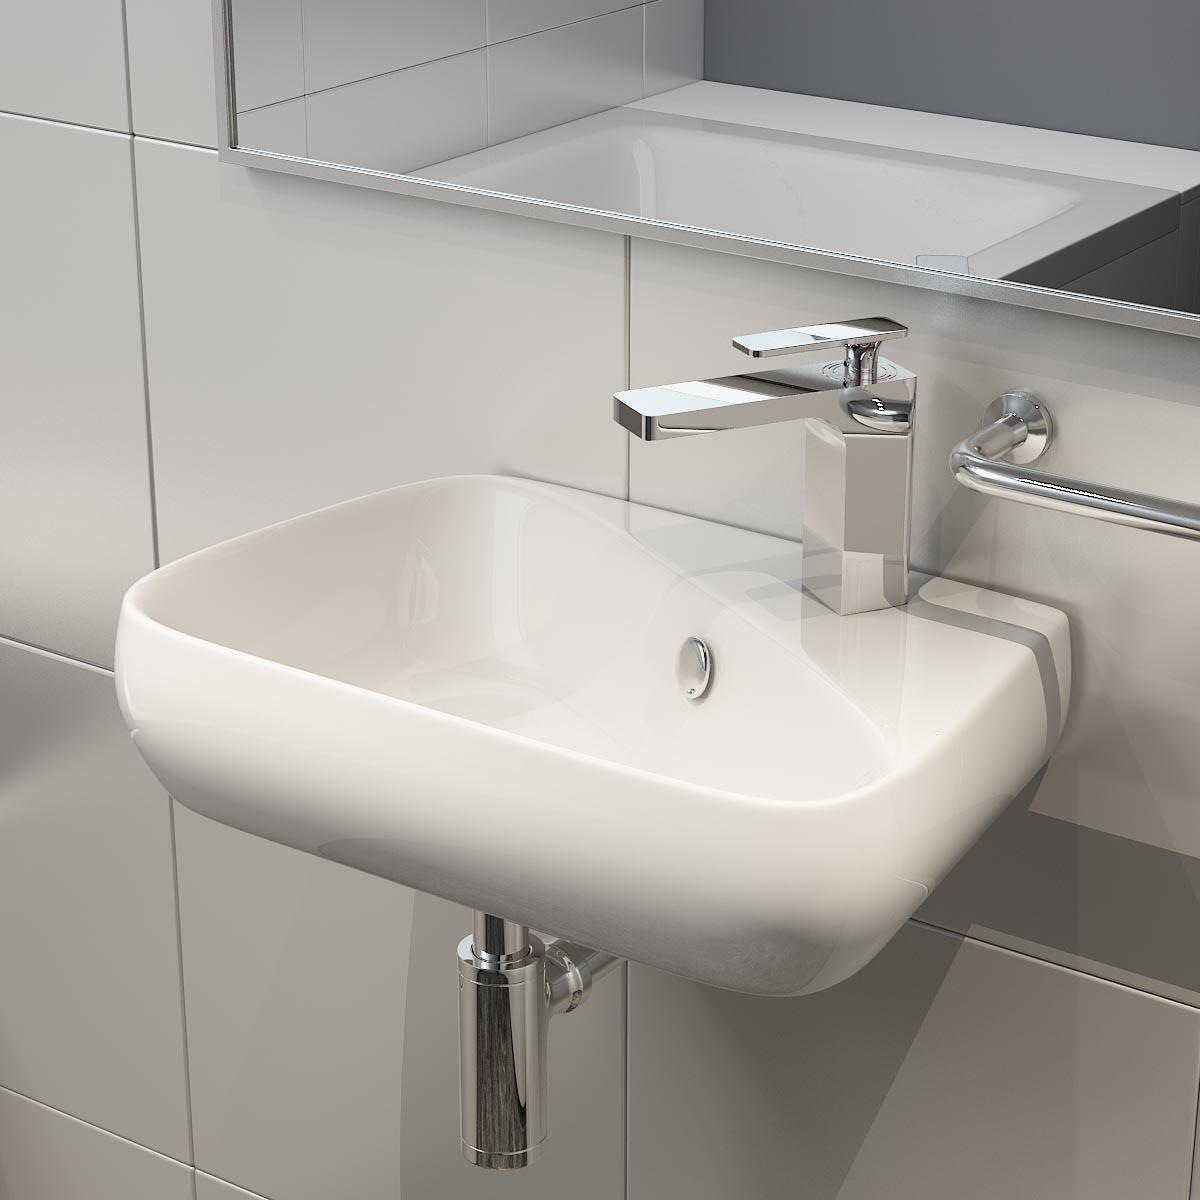 Waschbecken Tisch Ikea waschbecken waschtische g nstig online kaufen ikea lavabos waschtische